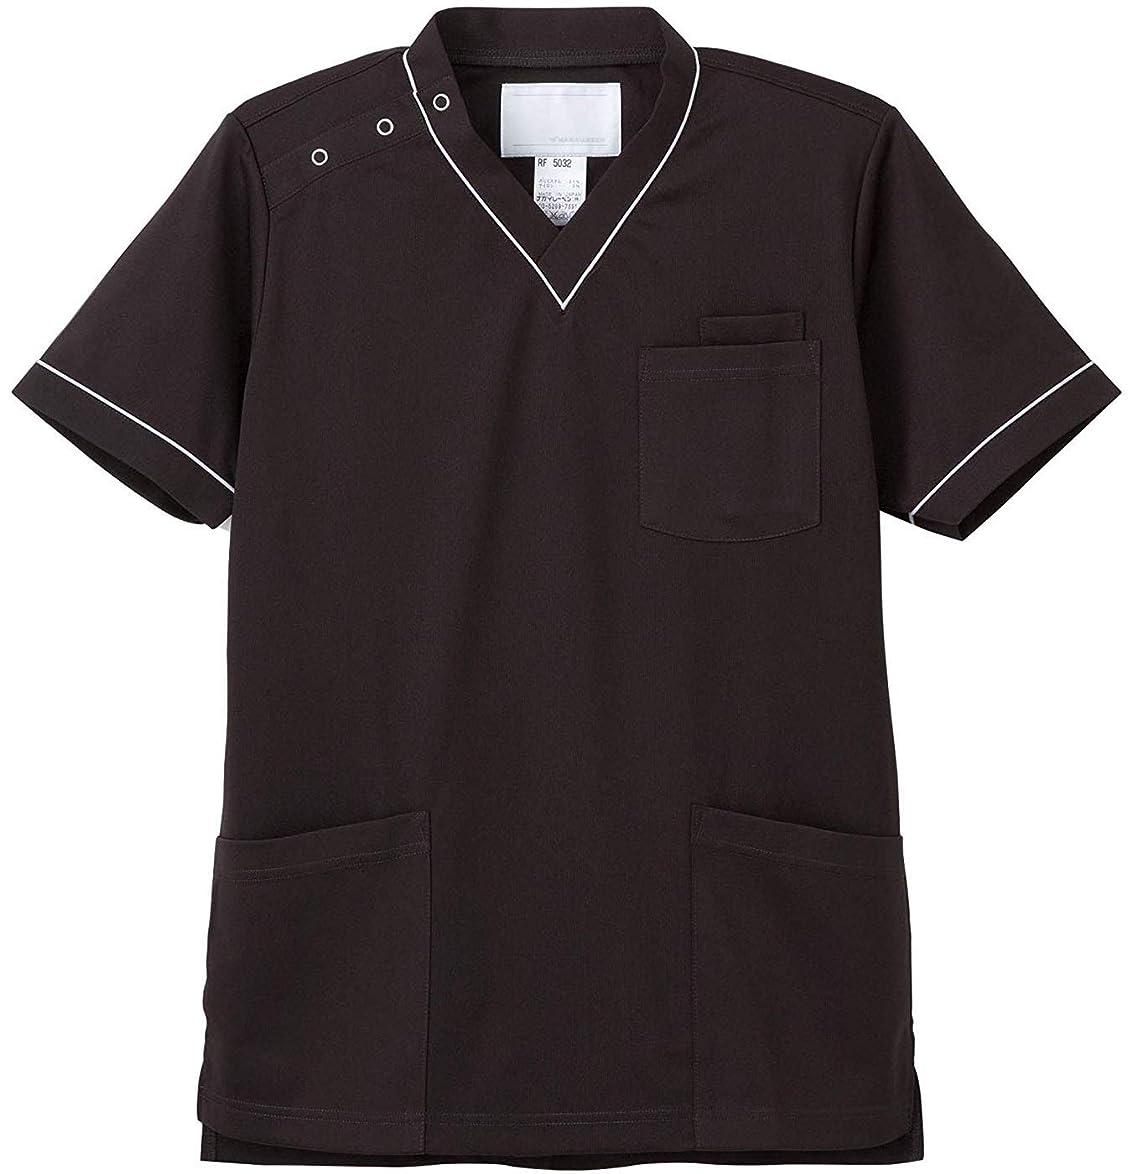 無条件チャレンジ独裁白衣 ナースウェア ナガイレーベン (ナウェイ) ユーティリティウェア RF-5032 男女兼用上衣 サイズ:SS~BL